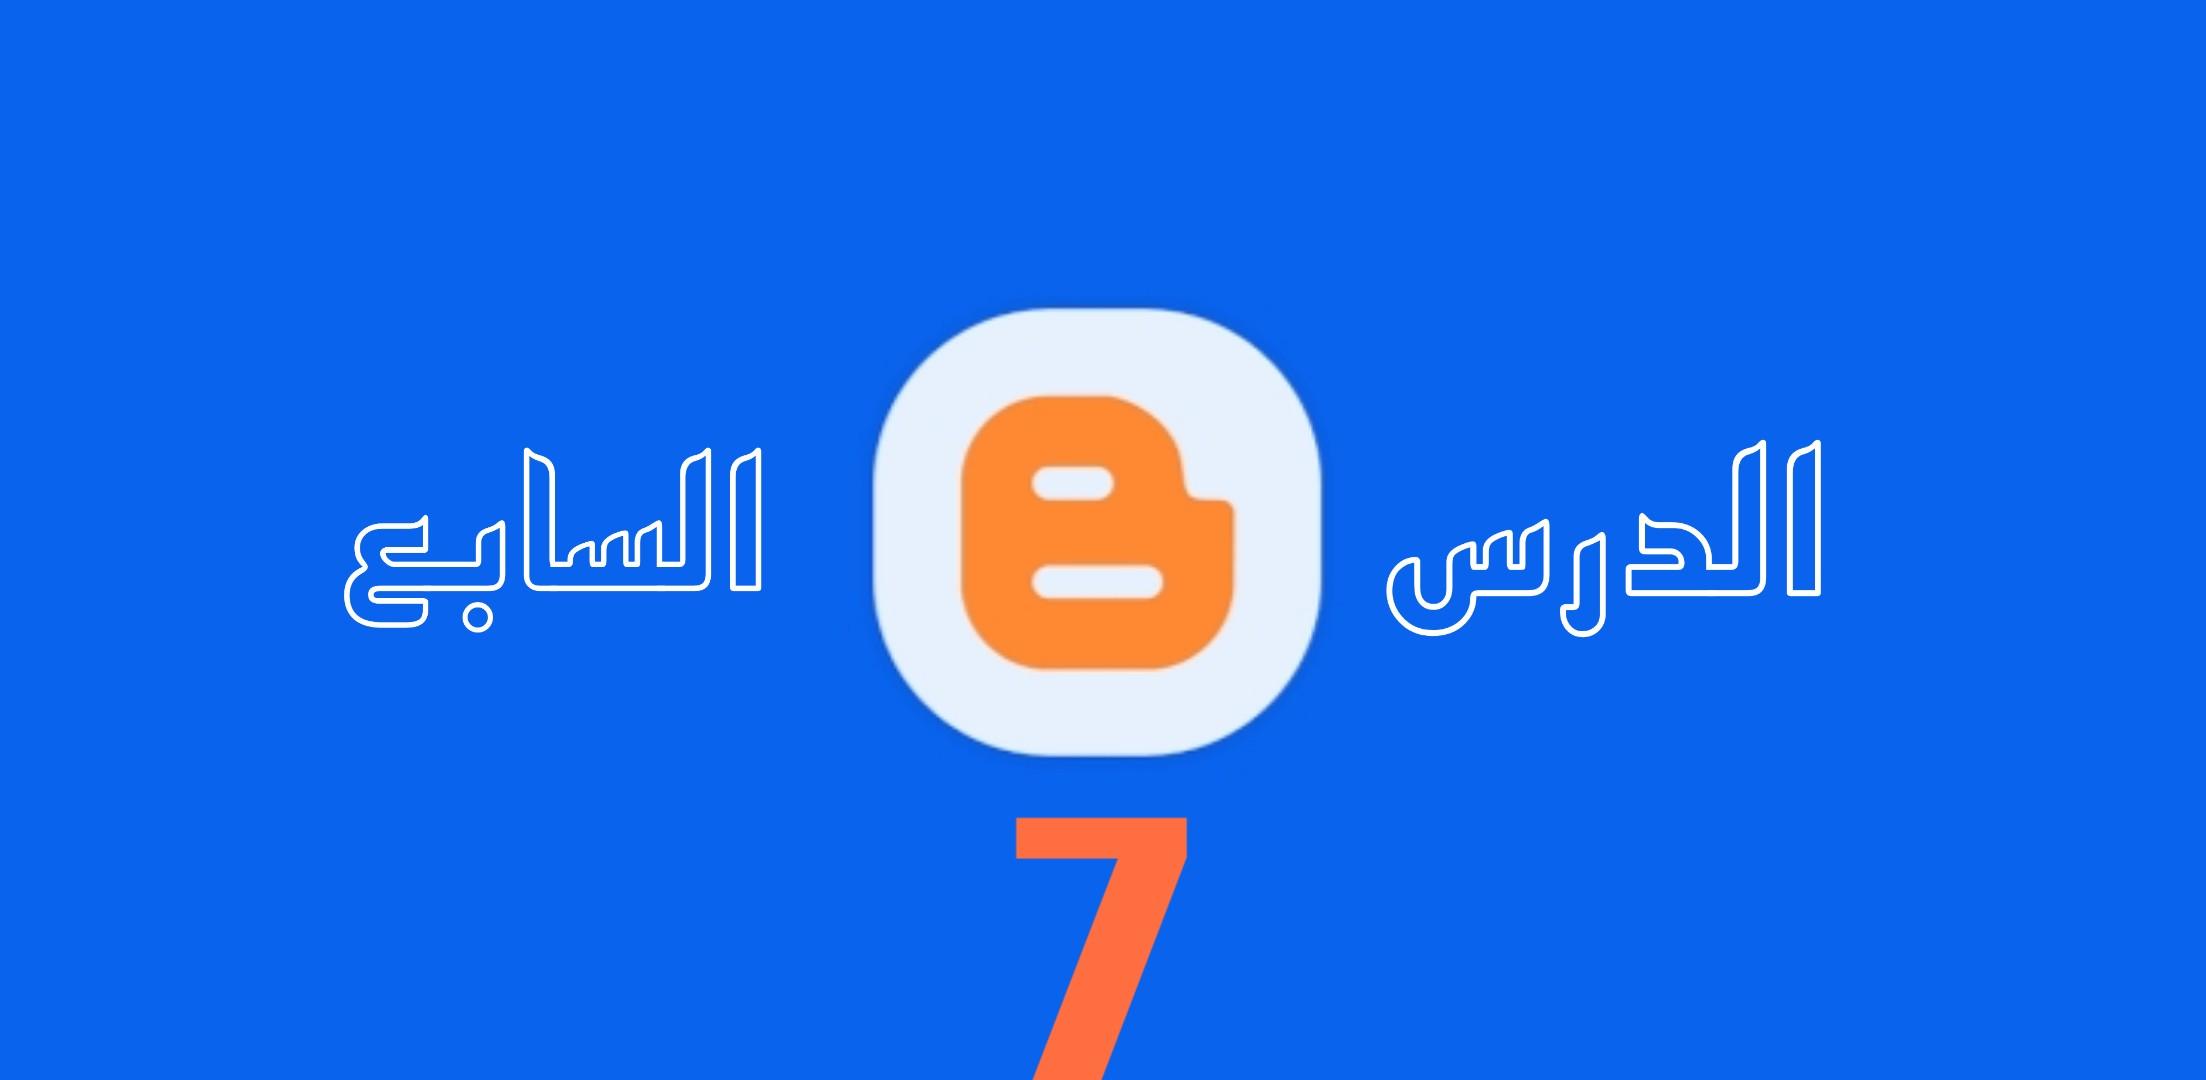 الدرس السابع : أفضل رمز ميتا تاج للمدونة 2020  للحصول على أفضل نتائج البحث وتحسين محركات البحث لموقعك.